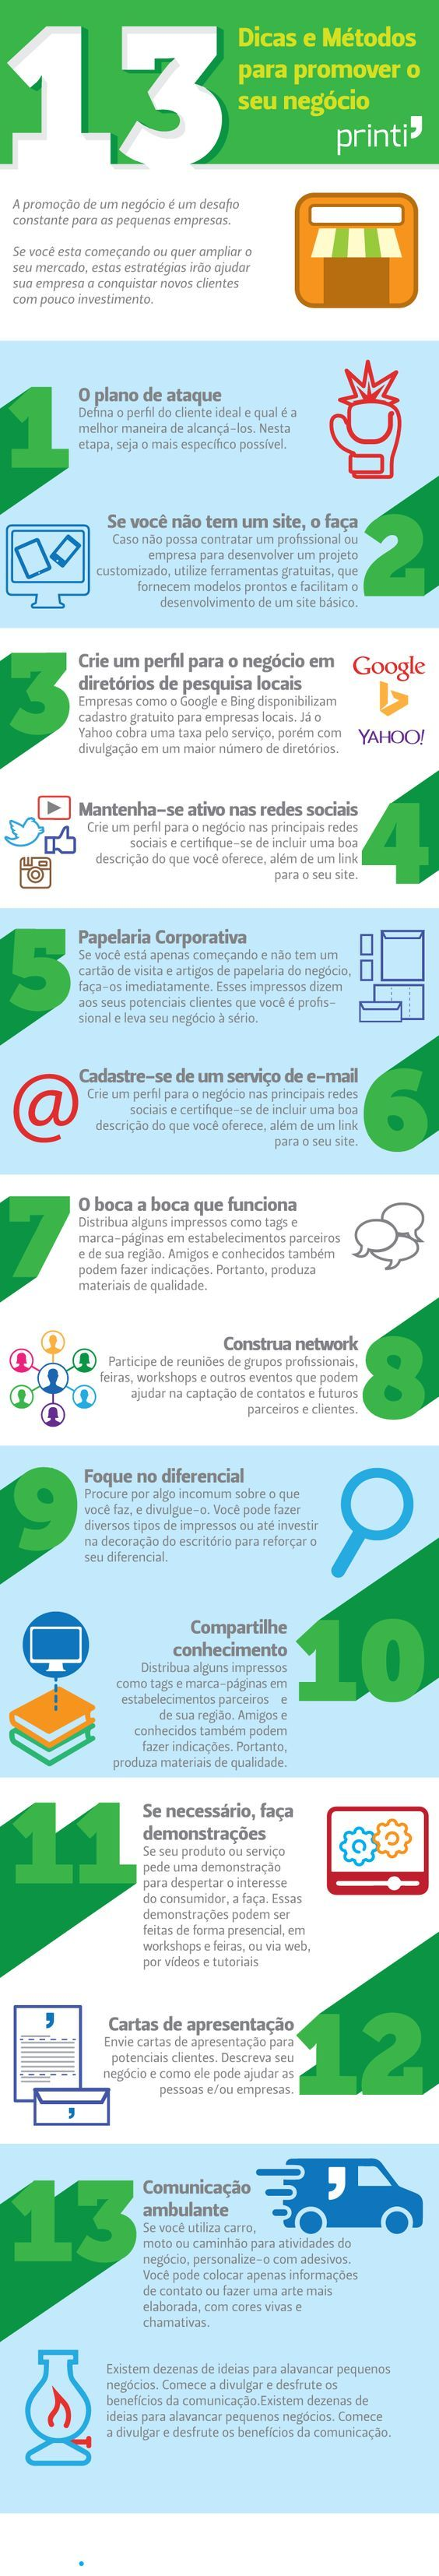 Infográfico - 13 Dicas e Métodos para promover o seu negócio